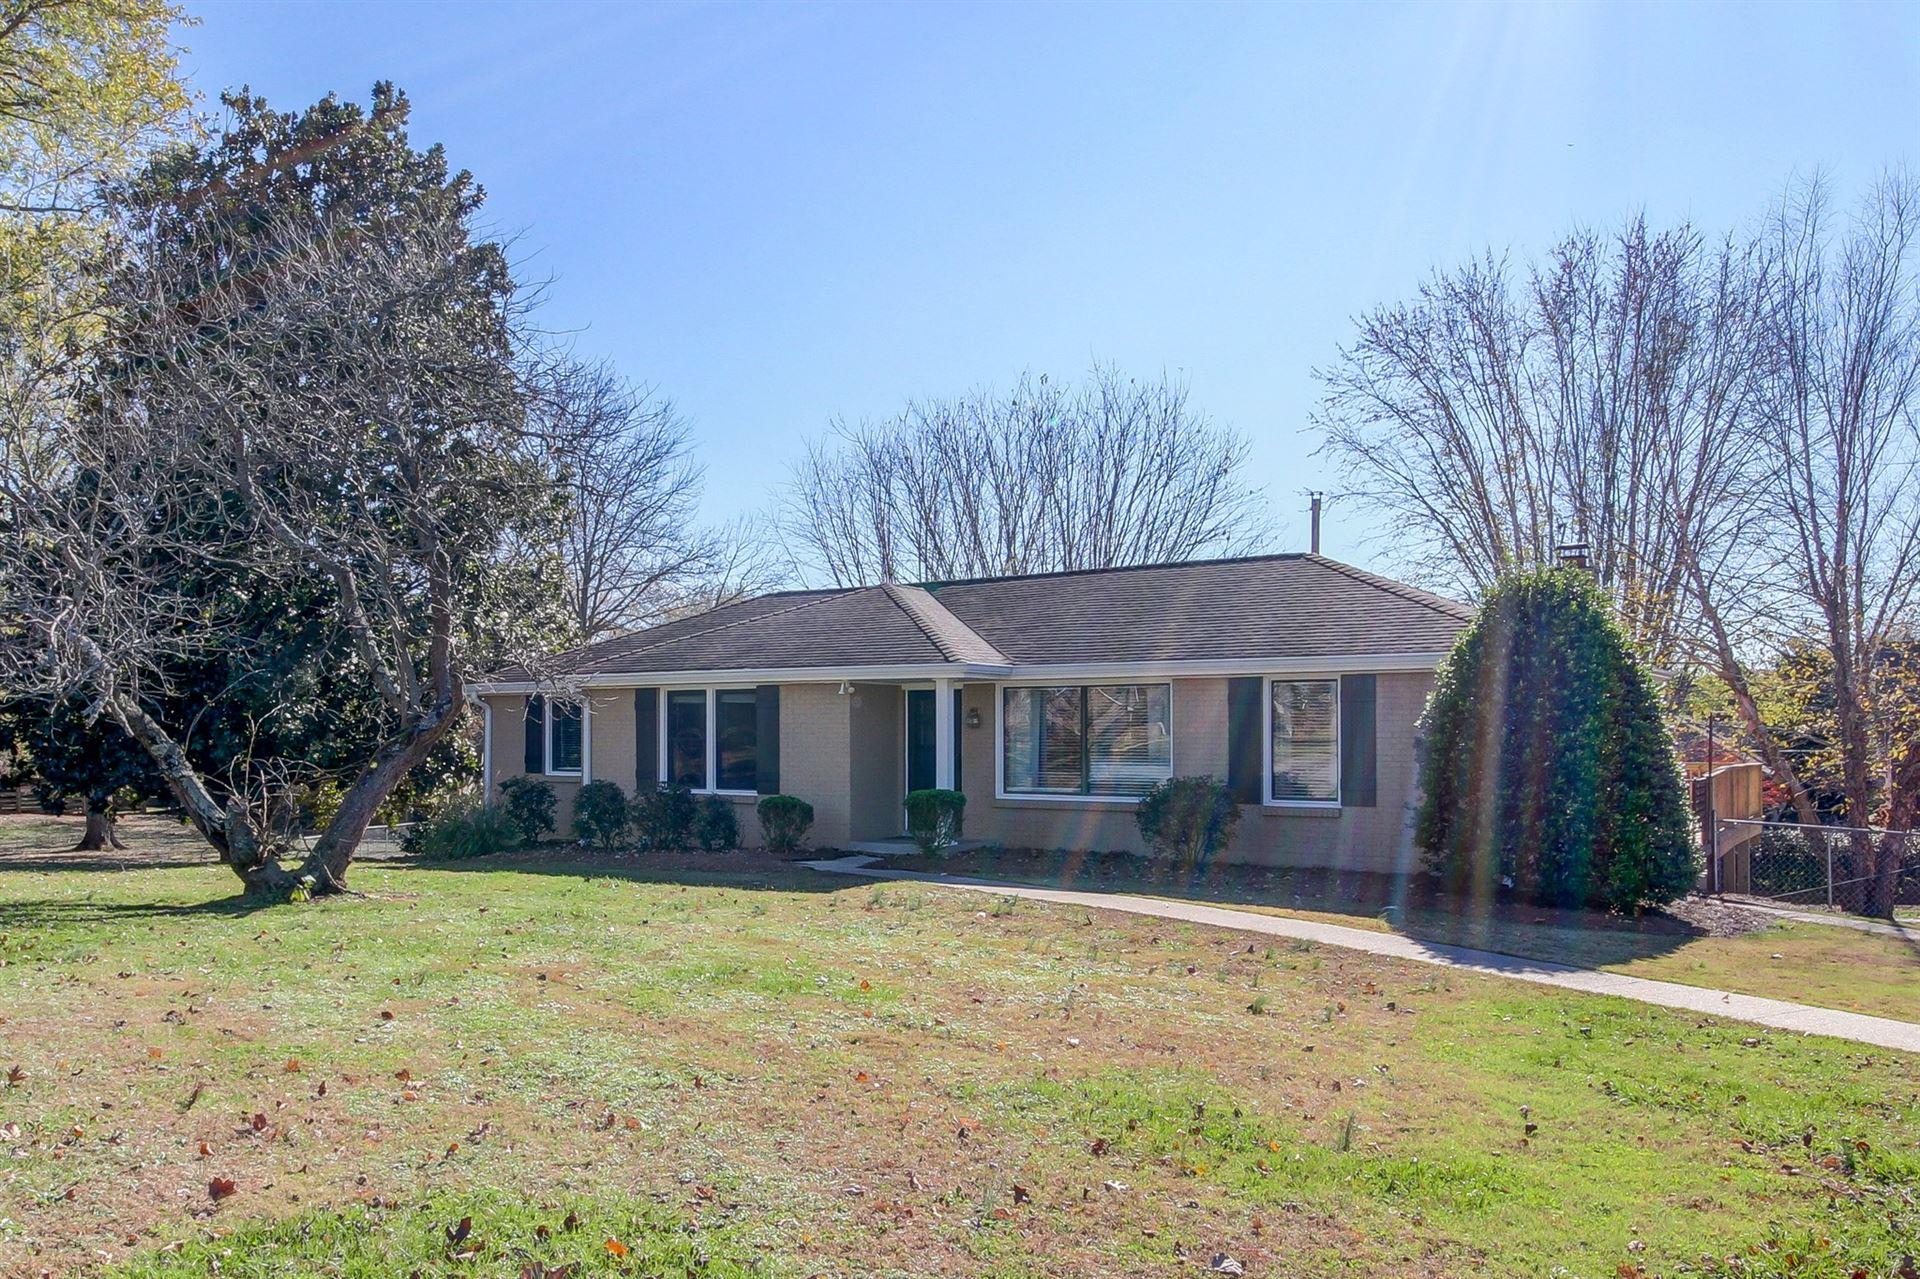 356 Kimbrough Rd, Clarksville, TN 37043 - MLS#: 2207871